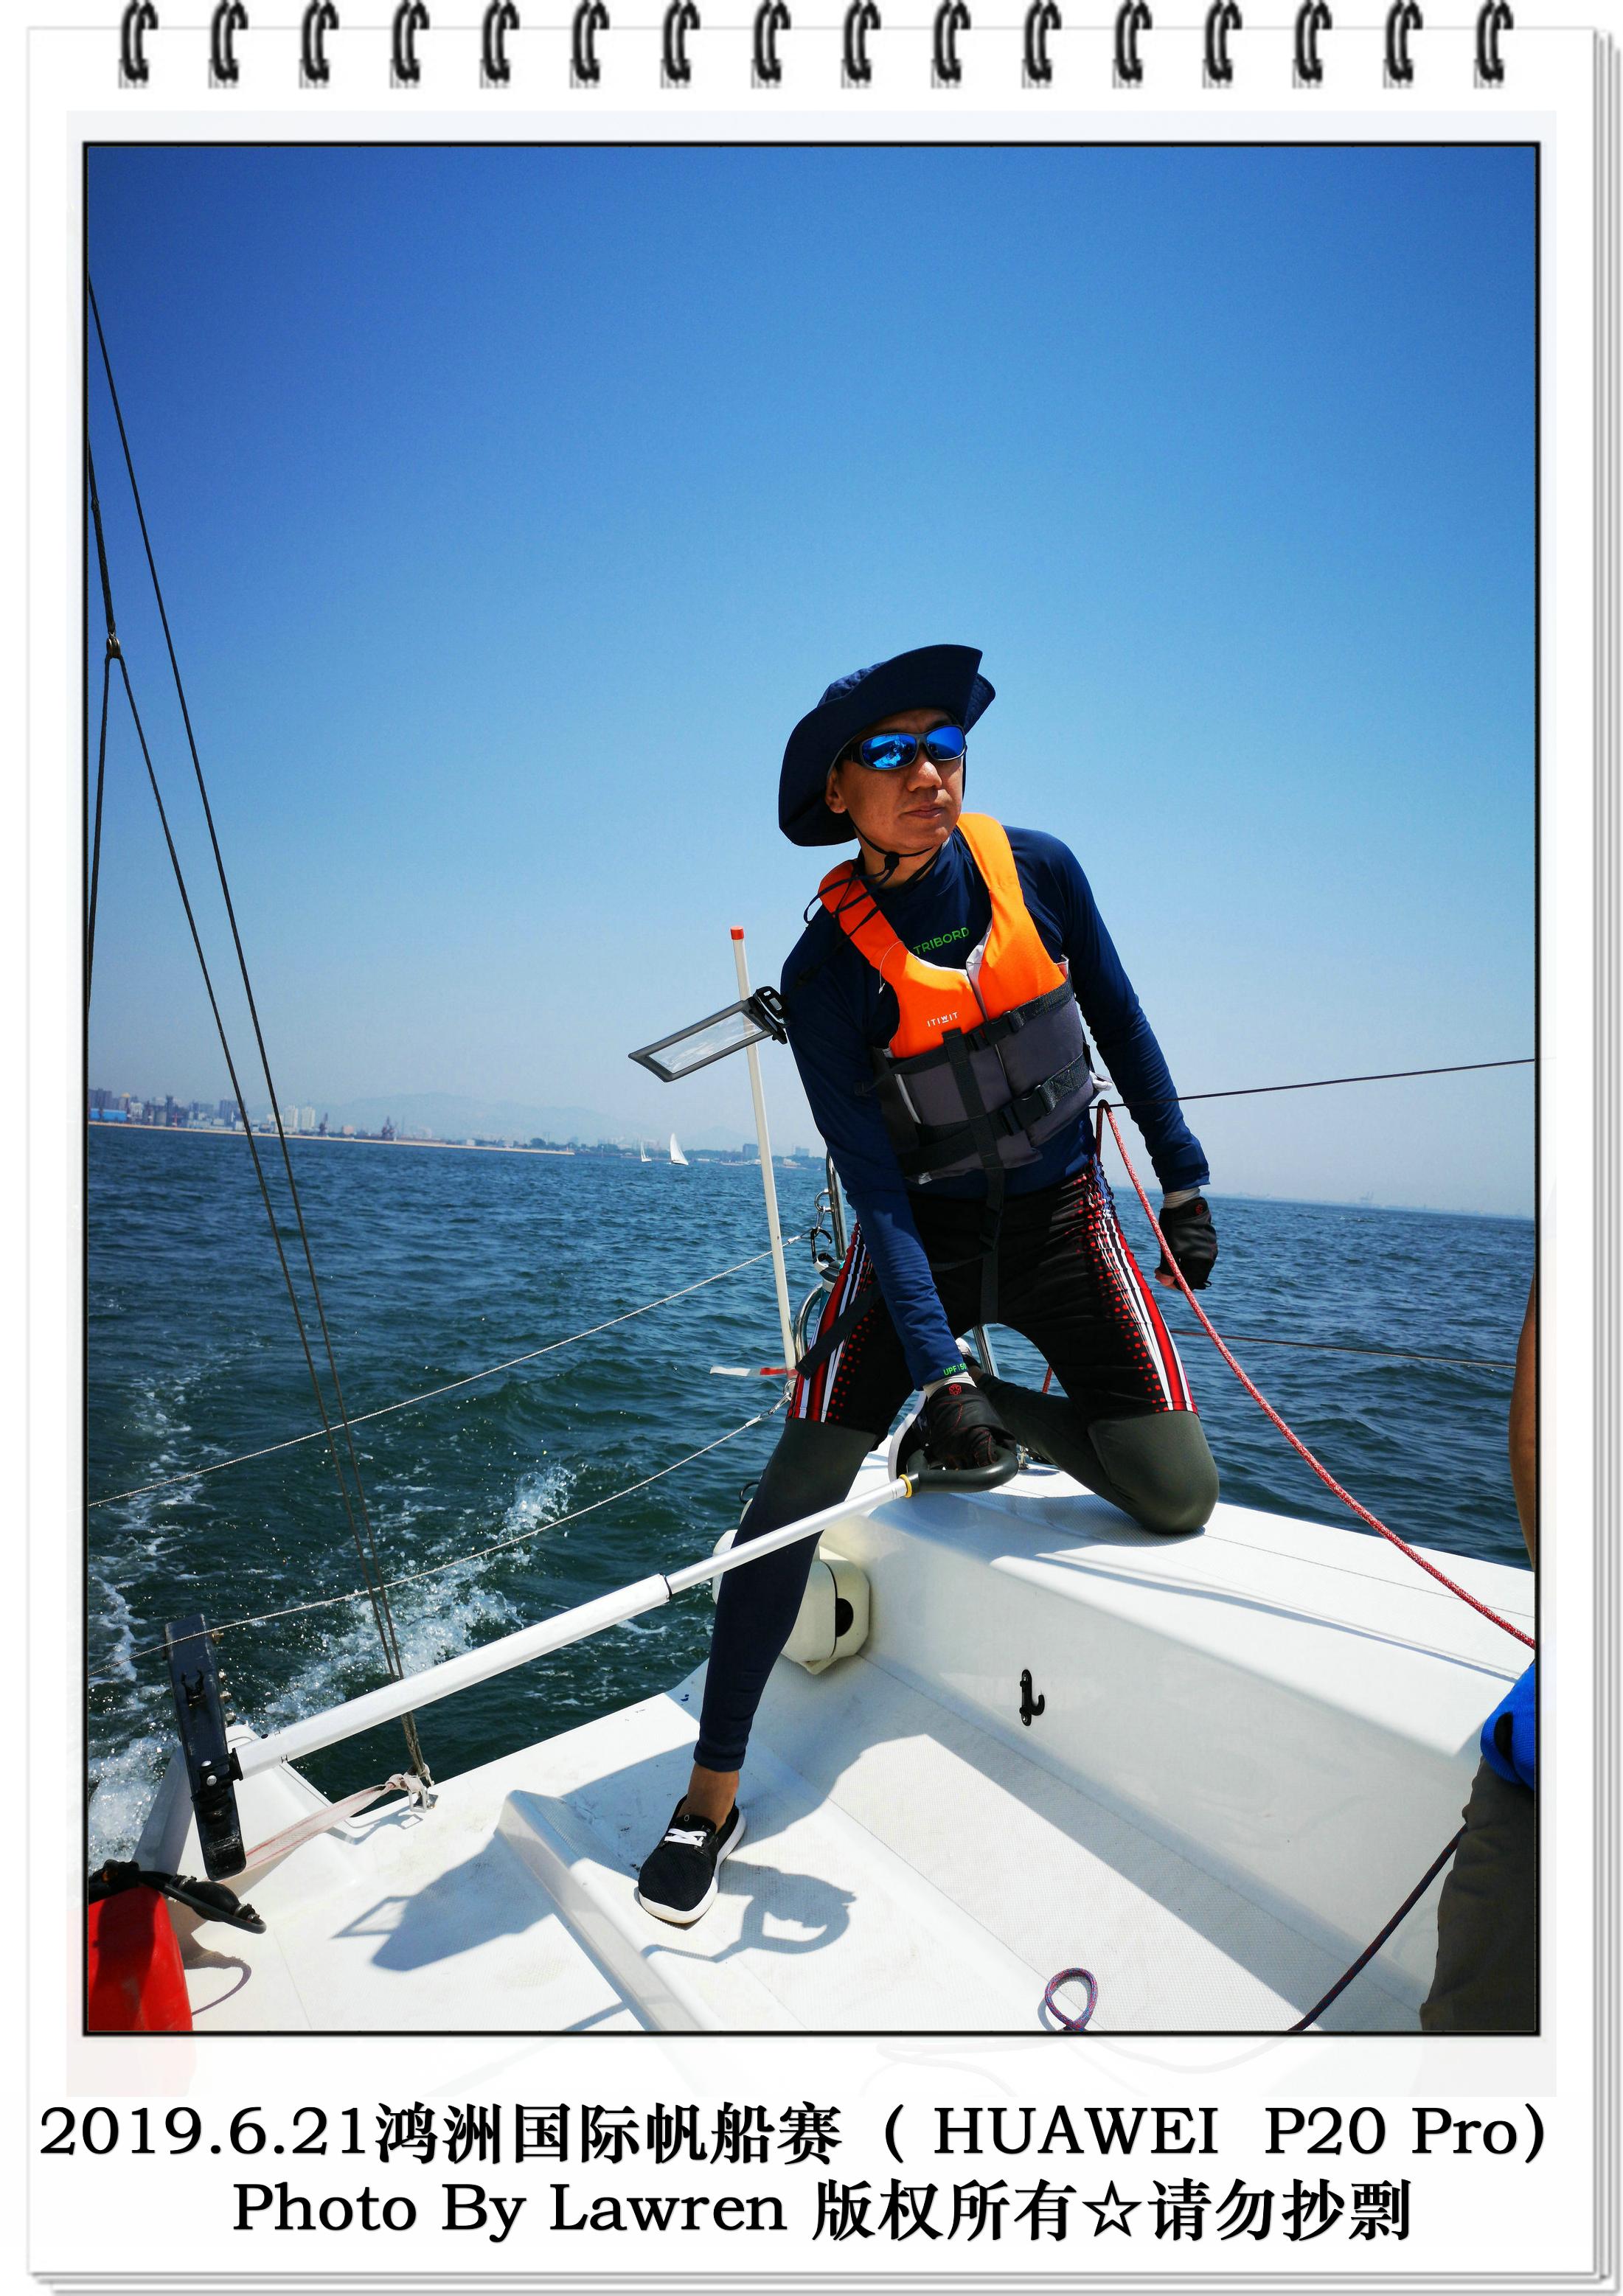 这次,老师,厂房,不过,改建 又见珐伊28,扬帆再起航 ——2019.6.21秦皇岛鸿洲国际游艇俱乐部帆船赛纪实  123213hdmyrcwd